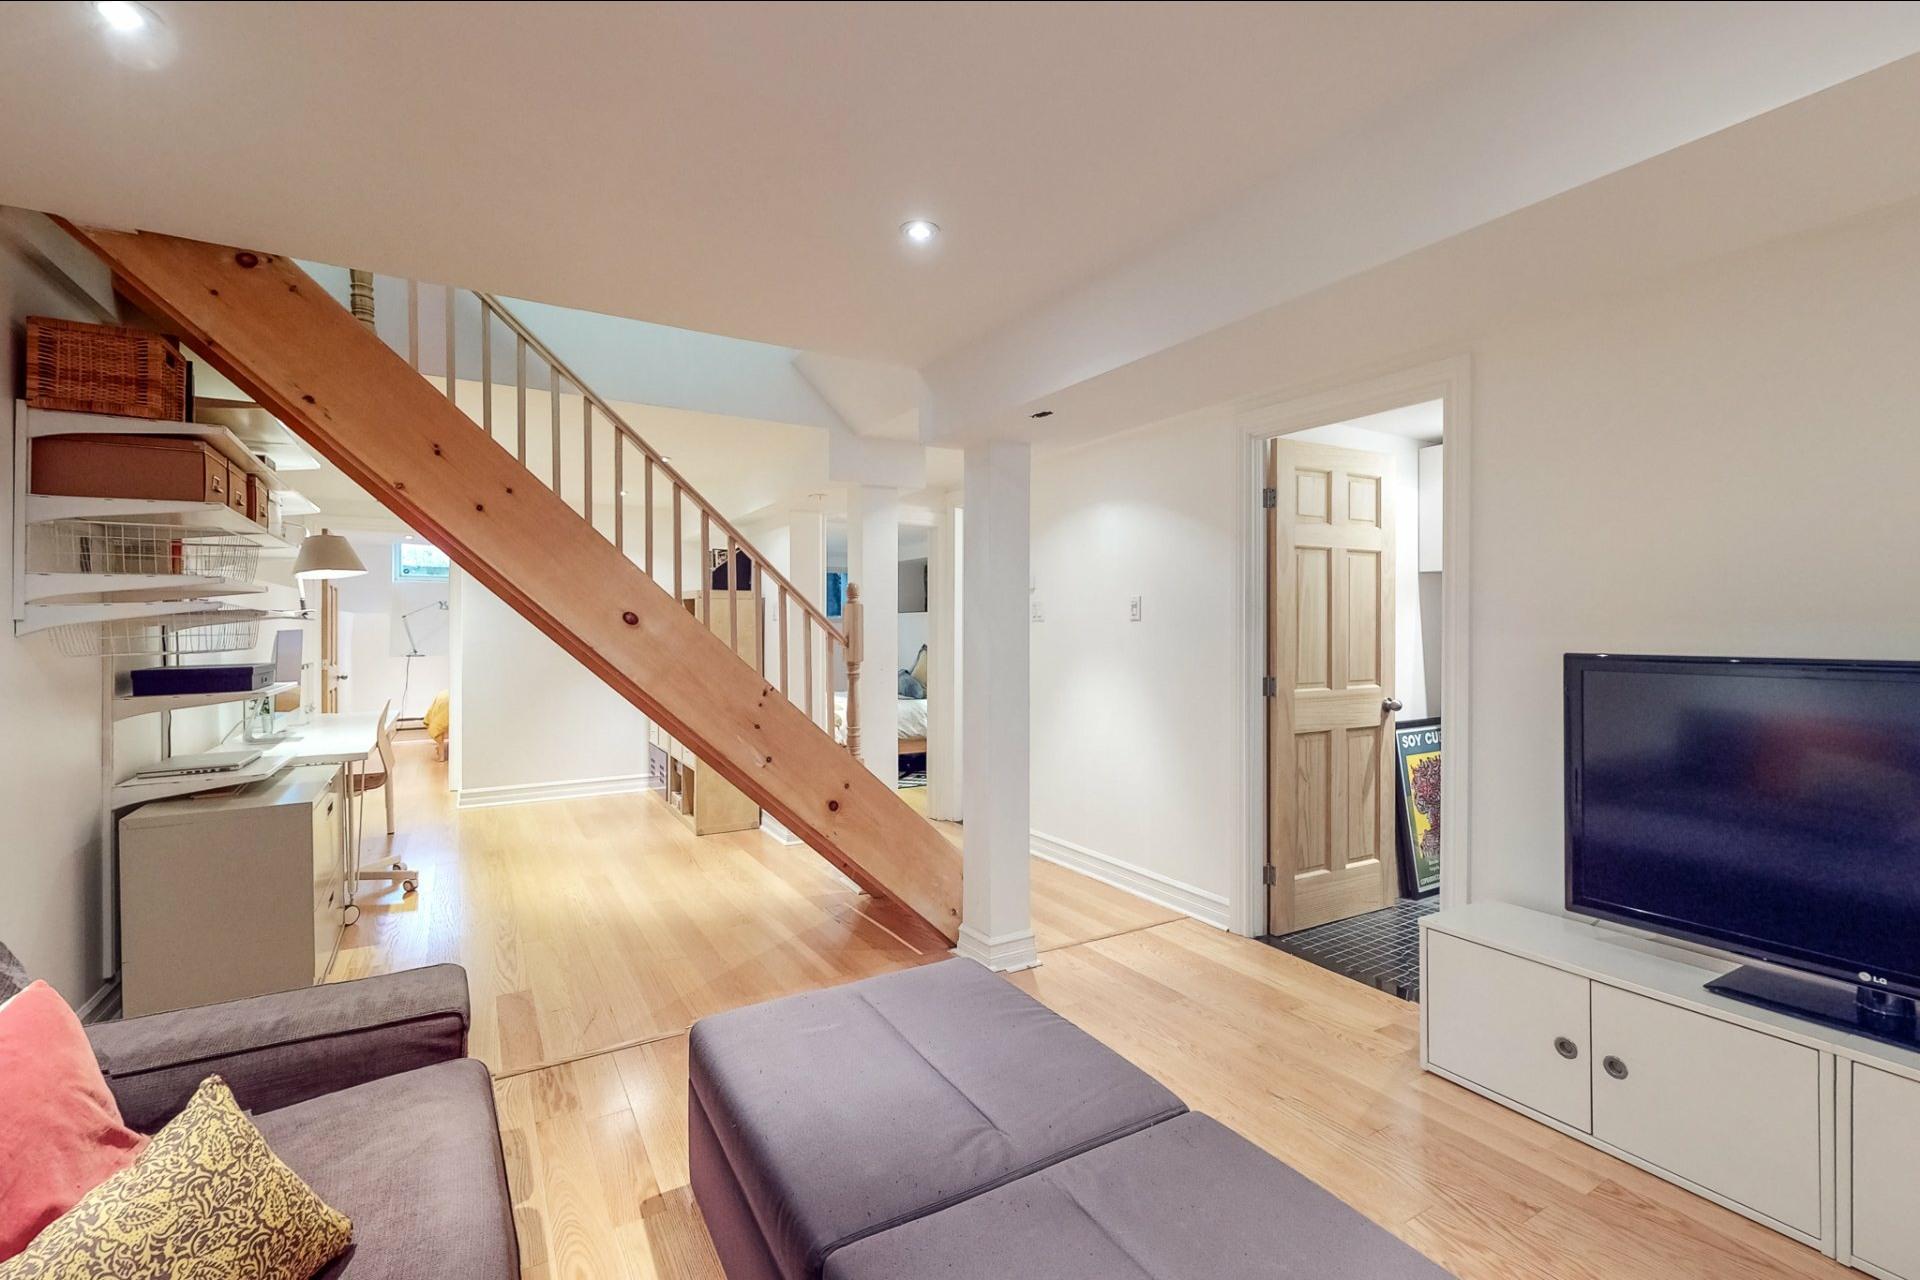 image 16 - Appartement À vendre Le Plateau-Mont-Royal Montréal  - 12 pièces